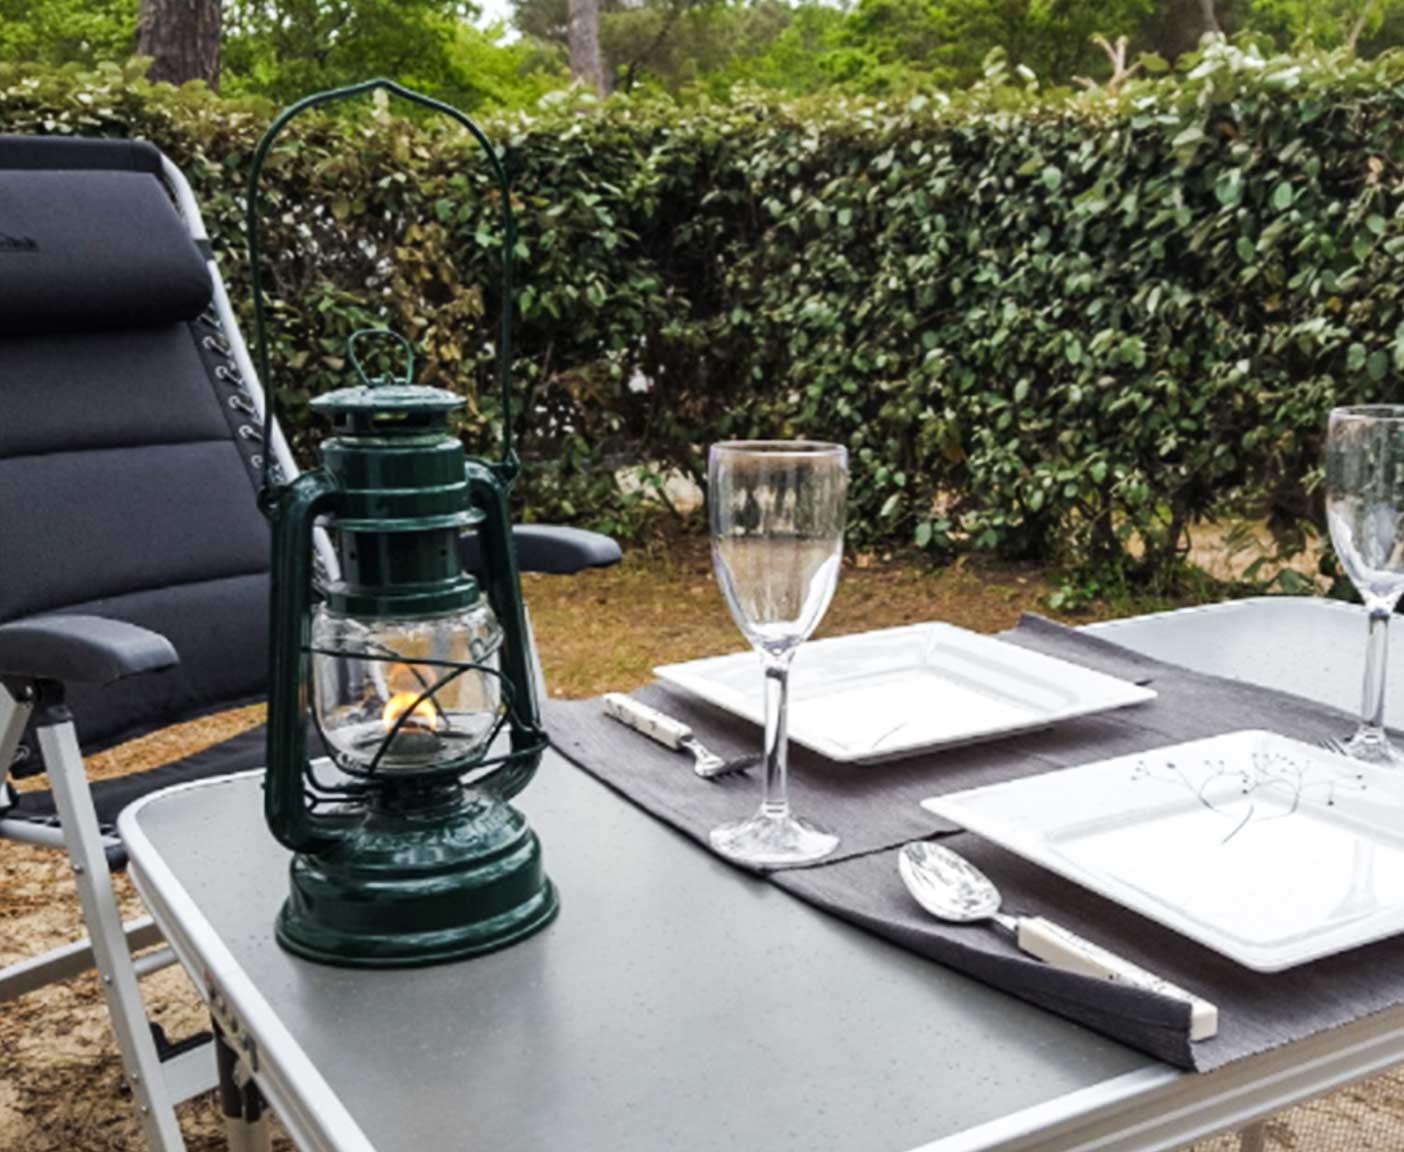 Campingstuhl und Campingtisch, kleine Laterne, Weingläser und Geschirr auf dem Tisch, Wohnmobil vermieten bei PaulCamper